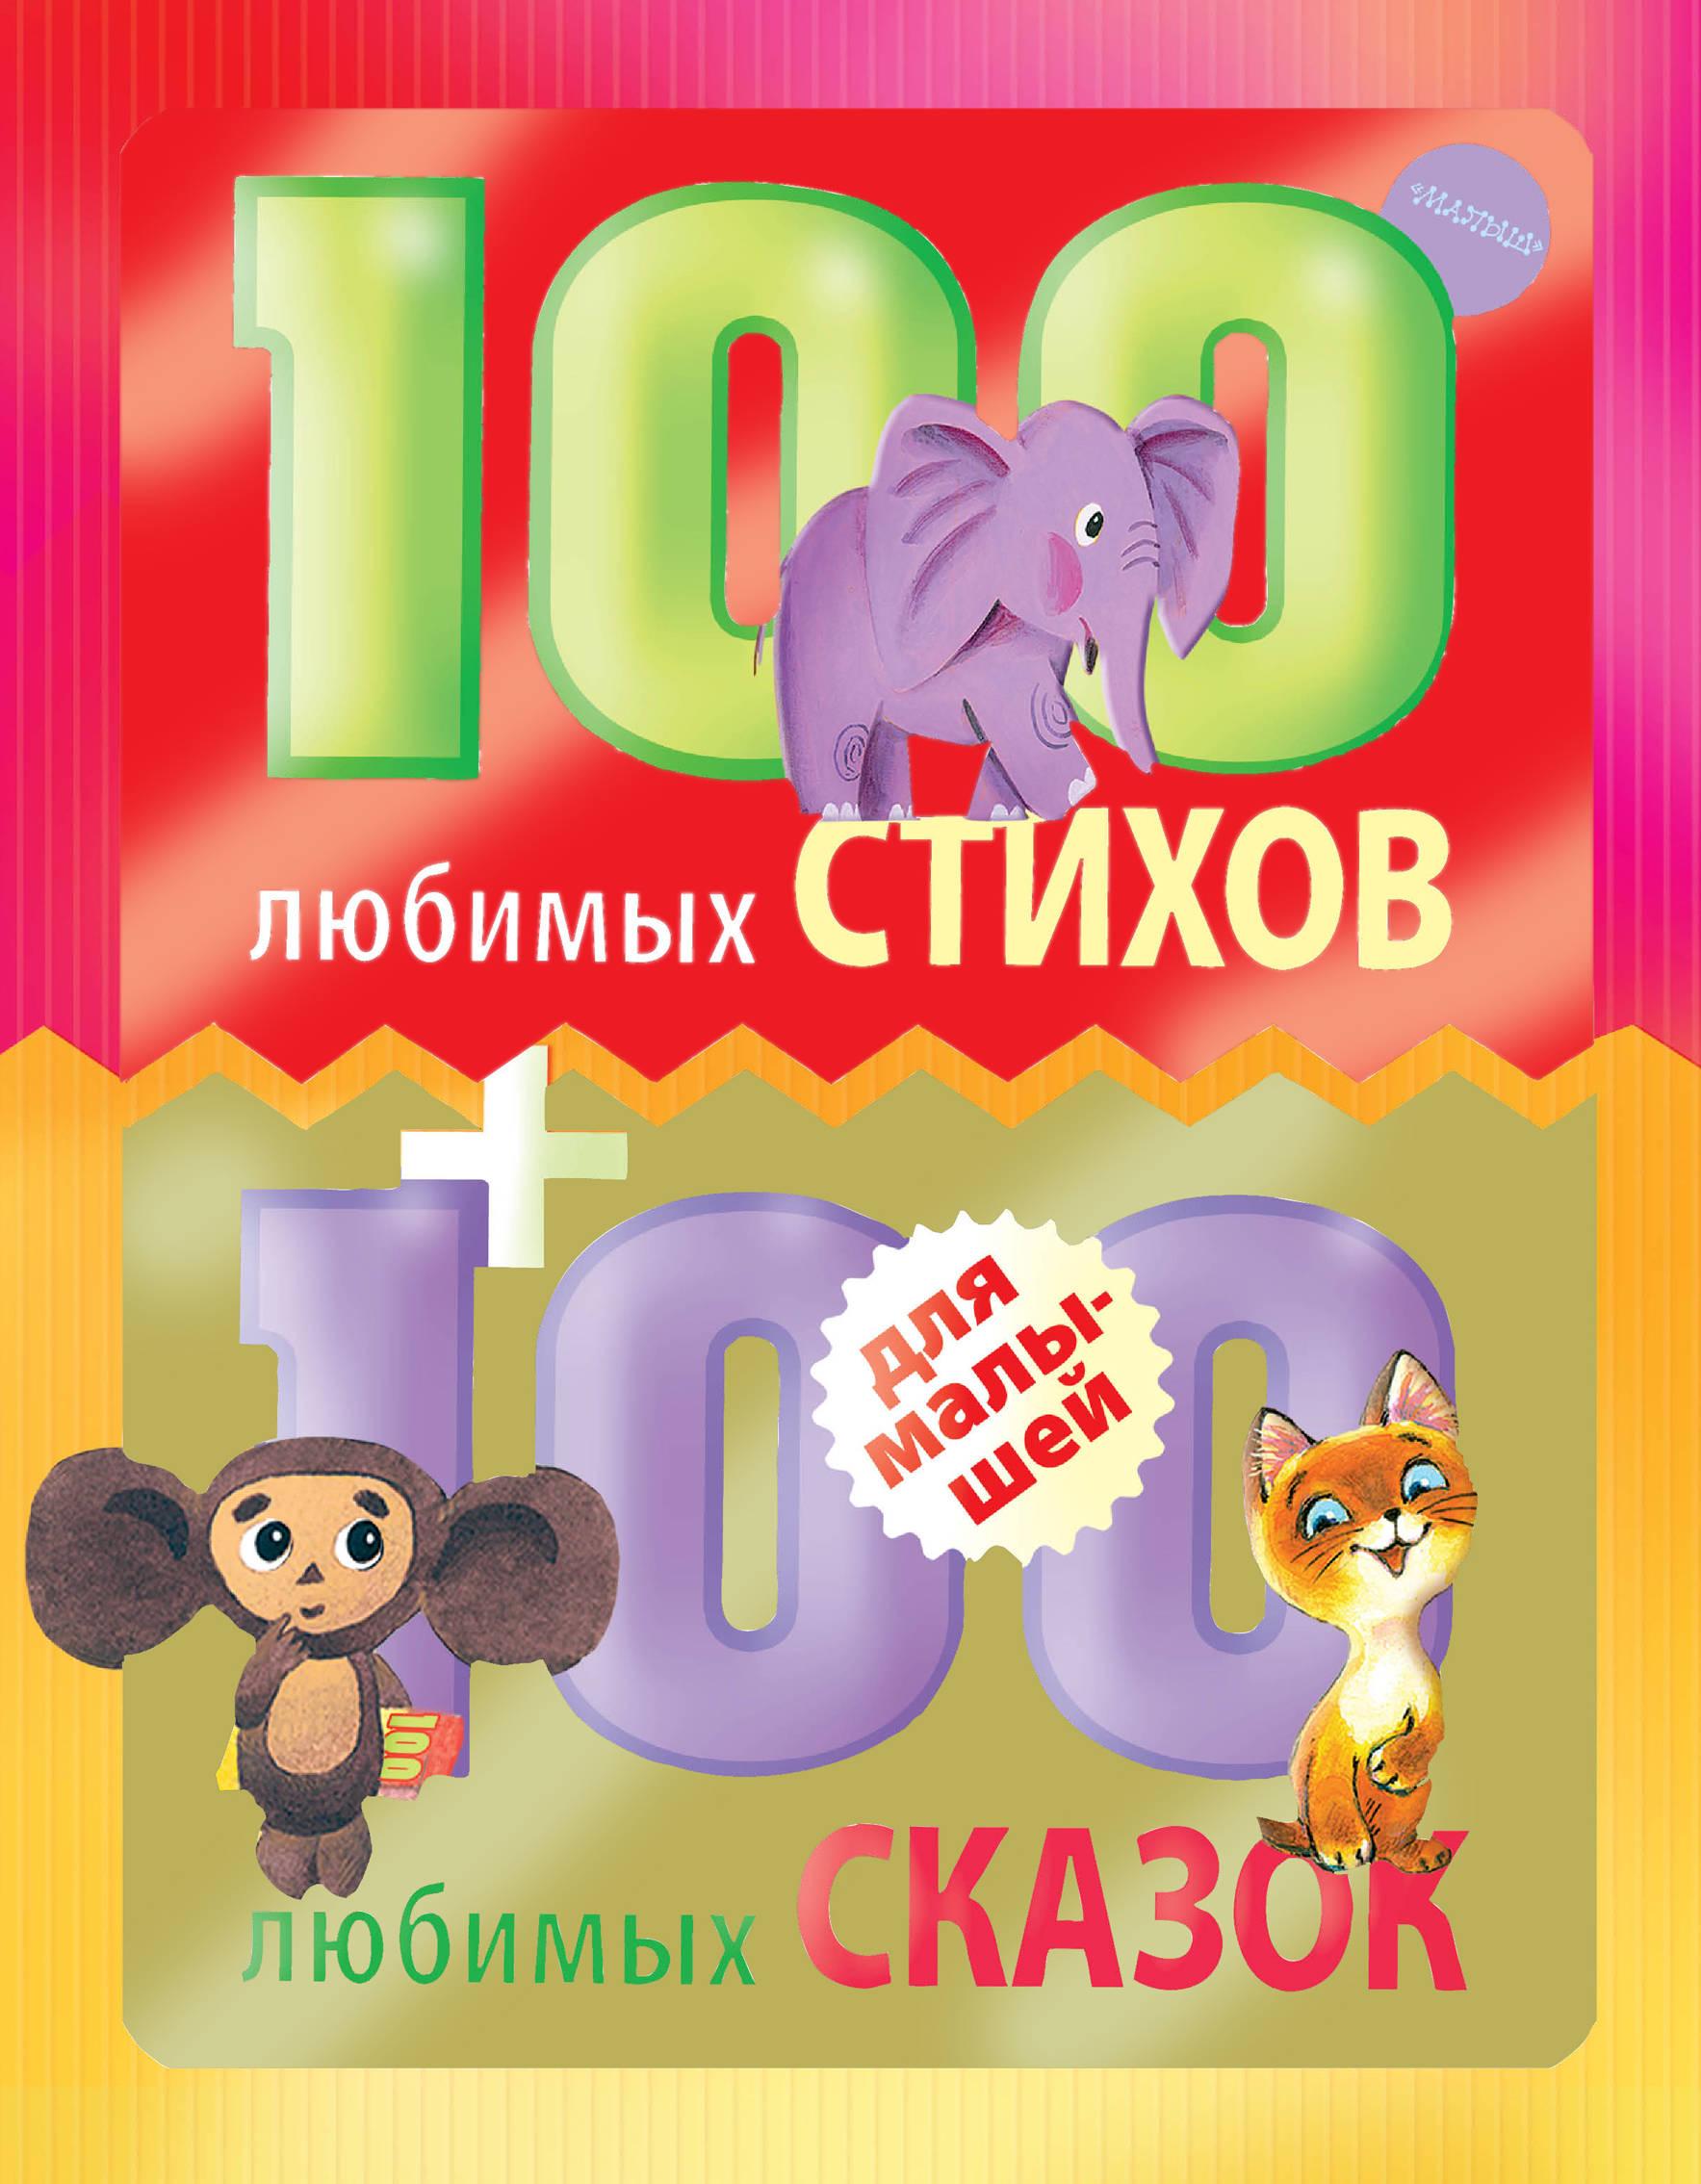 Купить Книга 100 любимых Стихов и 100 любимых Сказок для Малышей, АСТ, Книги по обучению и развитию детей